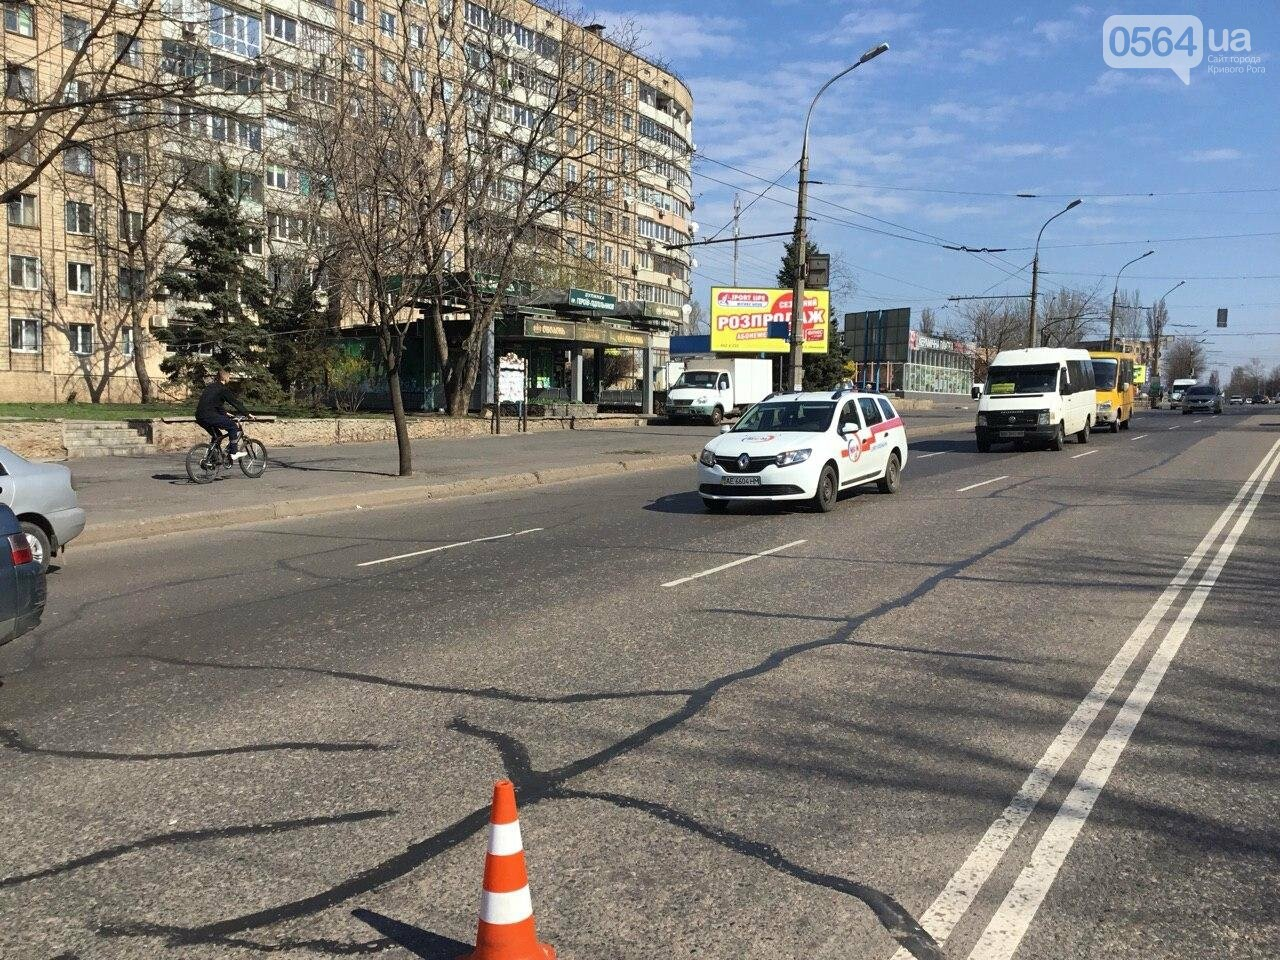 На центральном проспекте Кривого Рога столкнулись 4 автомобиля, - ФОТО, фото-2